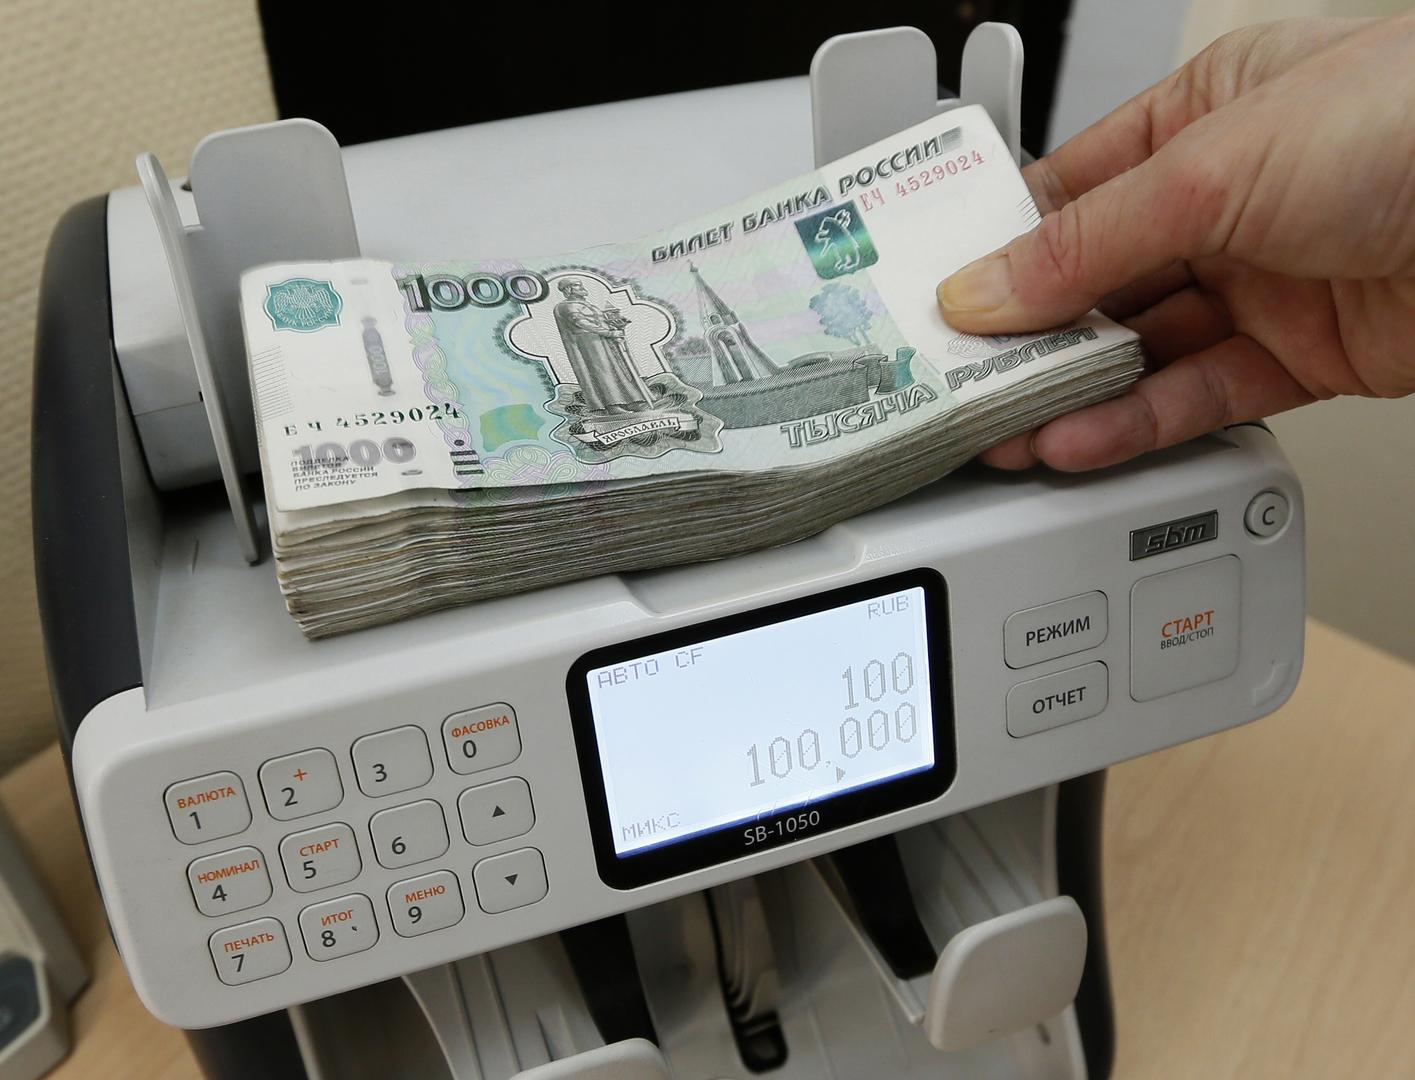 صندوق سيادي روسي مع مستثمرين من الشرق الأوسط يستثمر مليار روبل في شركة روسية